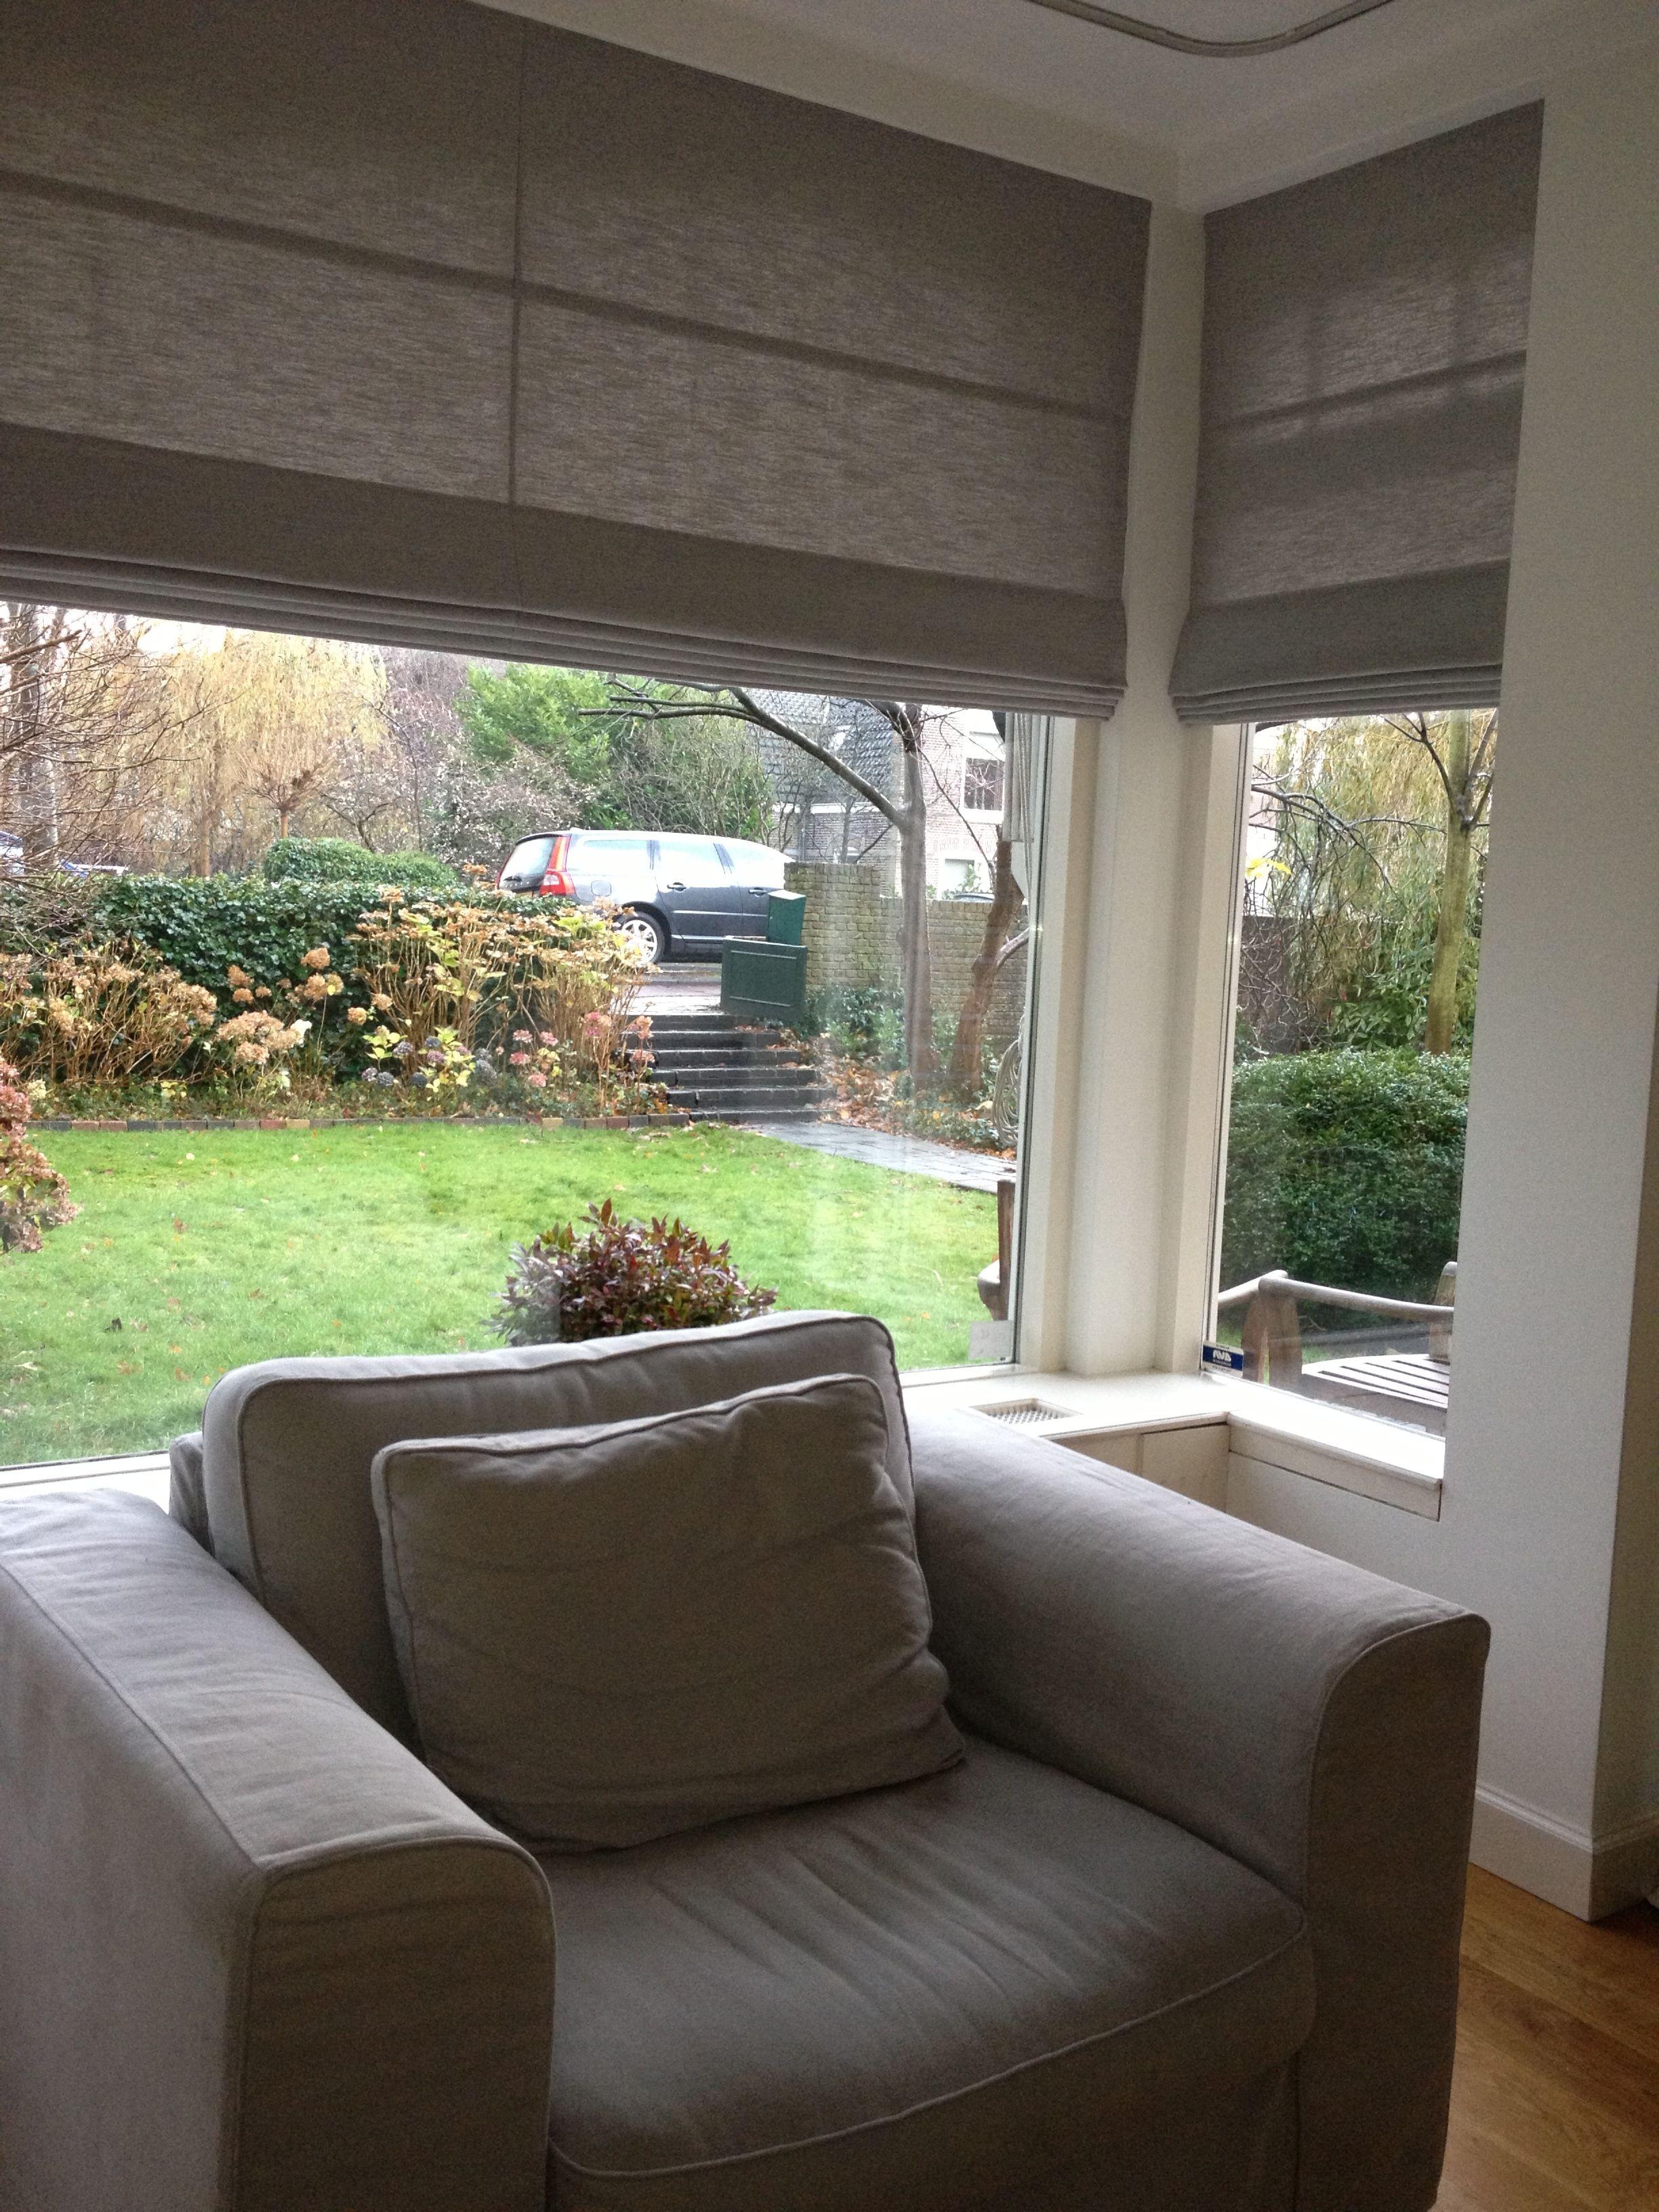 Messcherpe vouwgordijnen in de woonkamer in een prachtig middengrijs ...